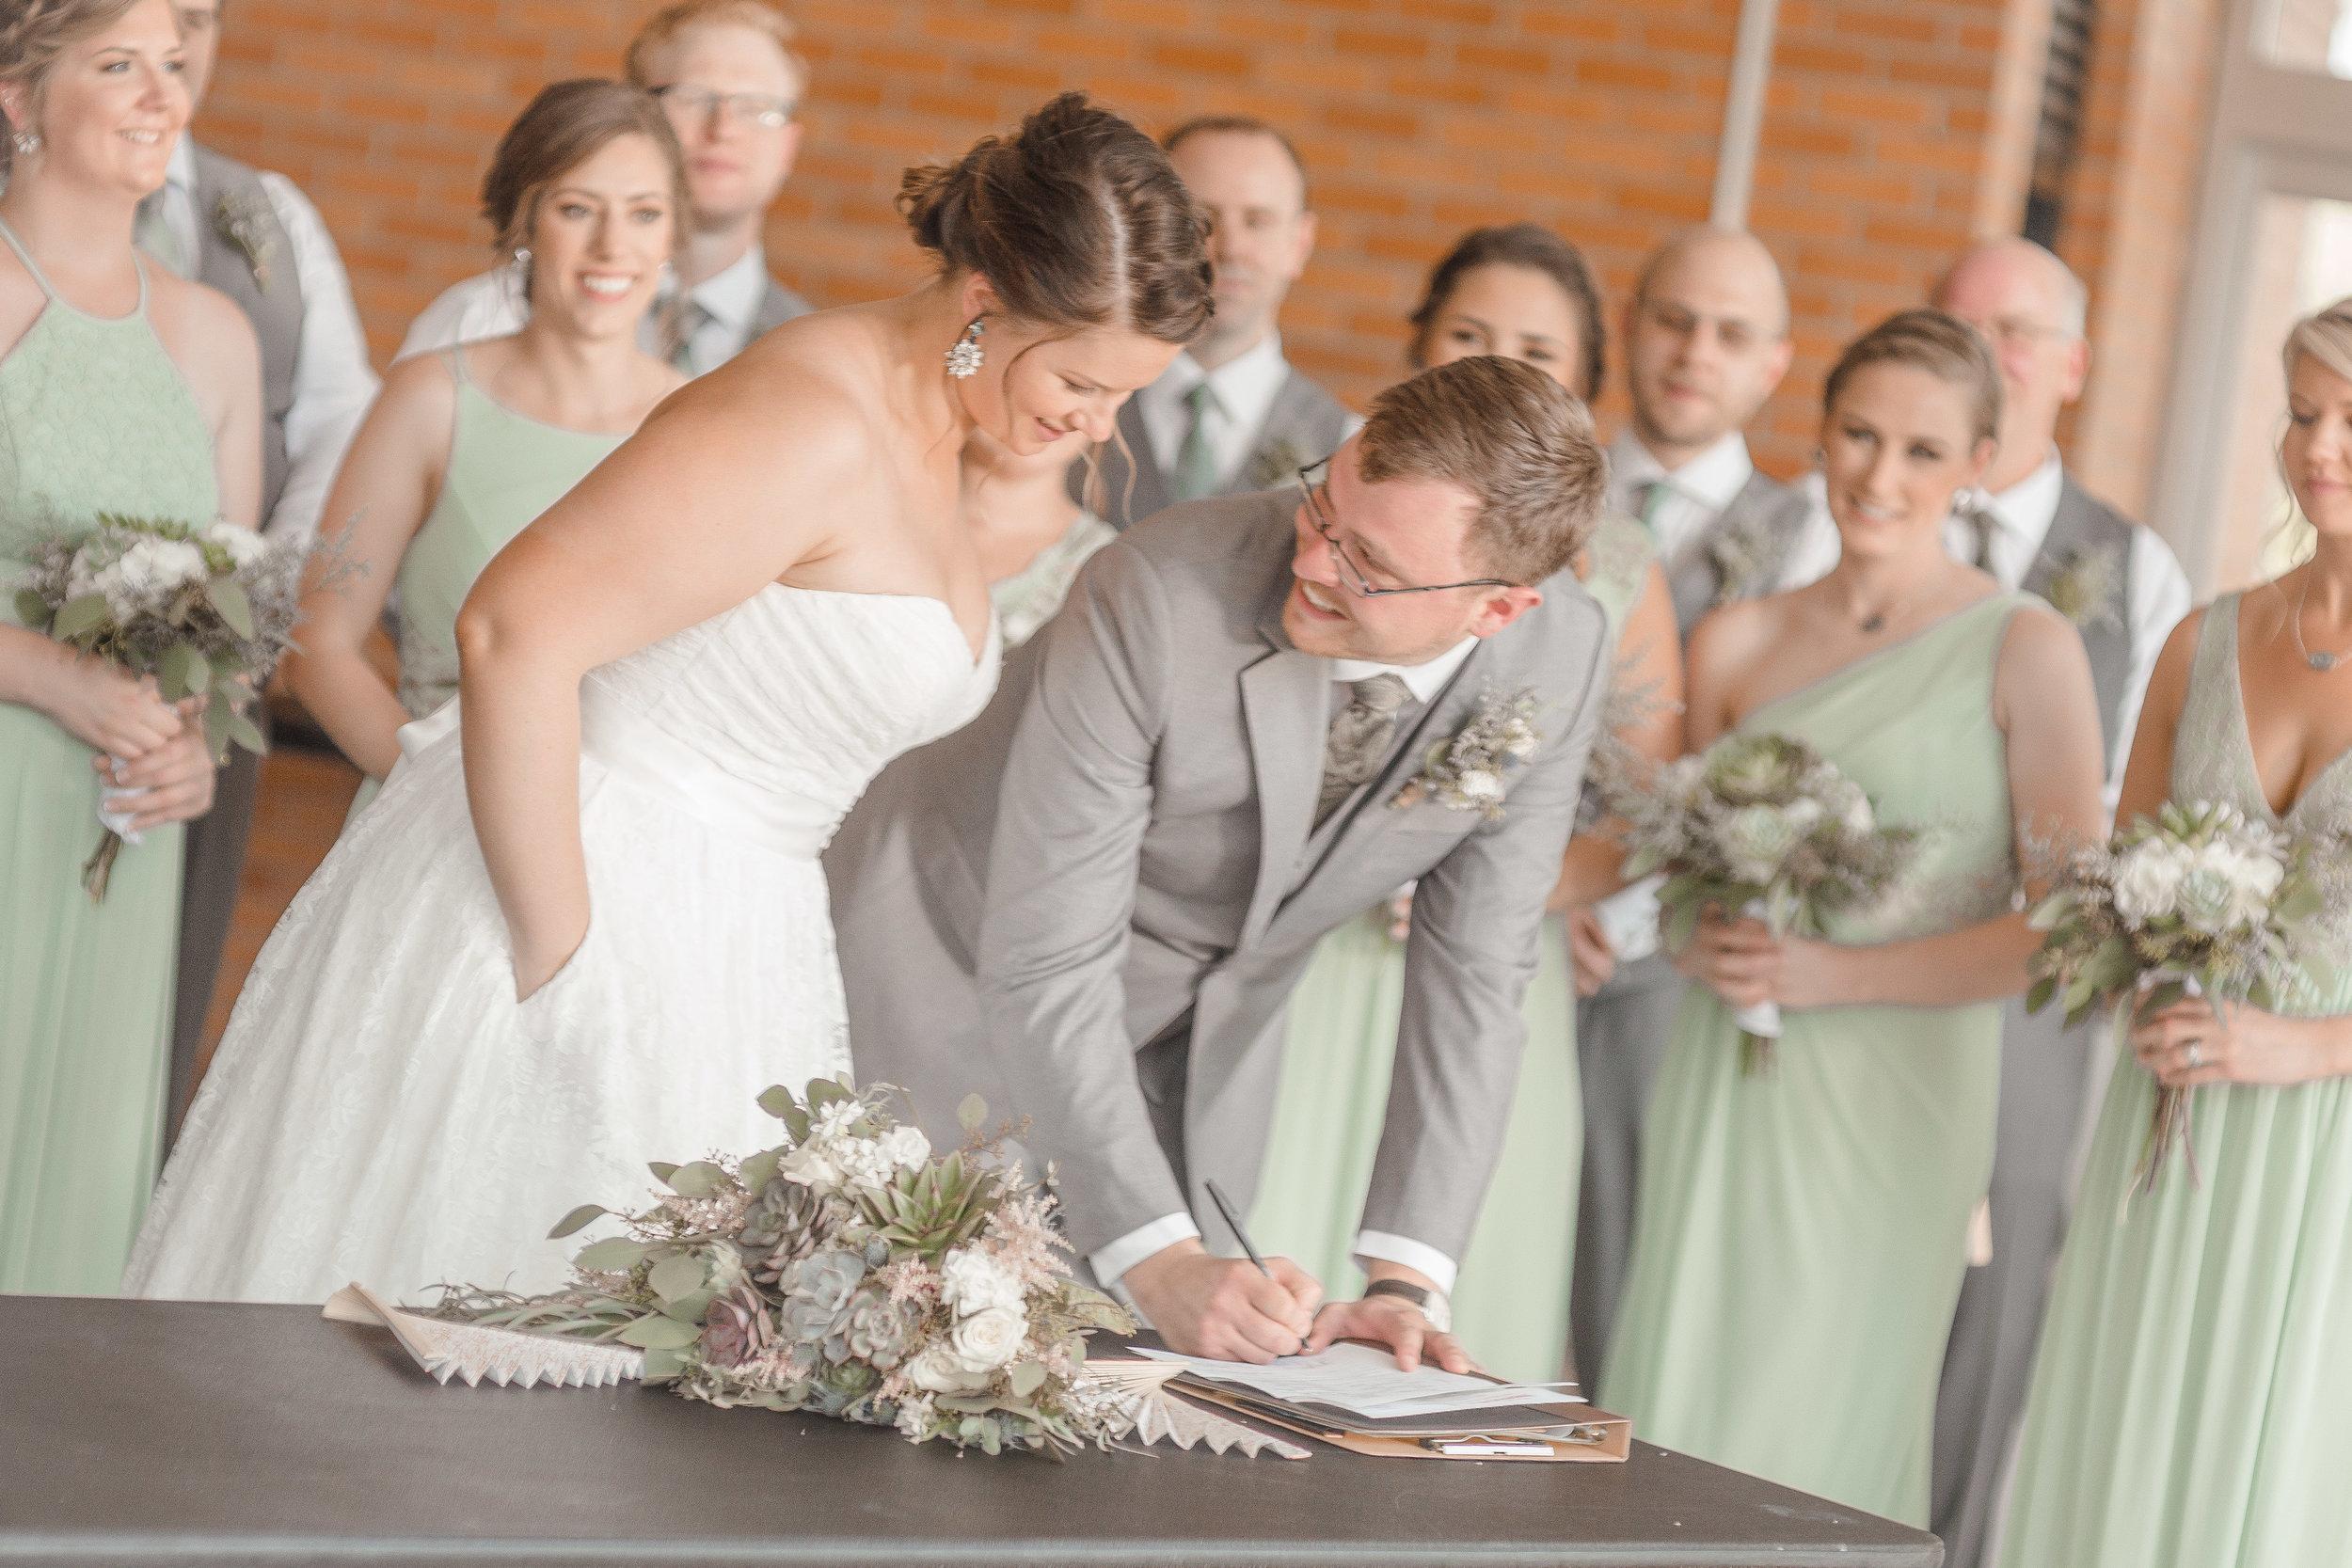 C_Wedding_Sarver, Alyssa & Scott_FOR BLOG-115.JPG